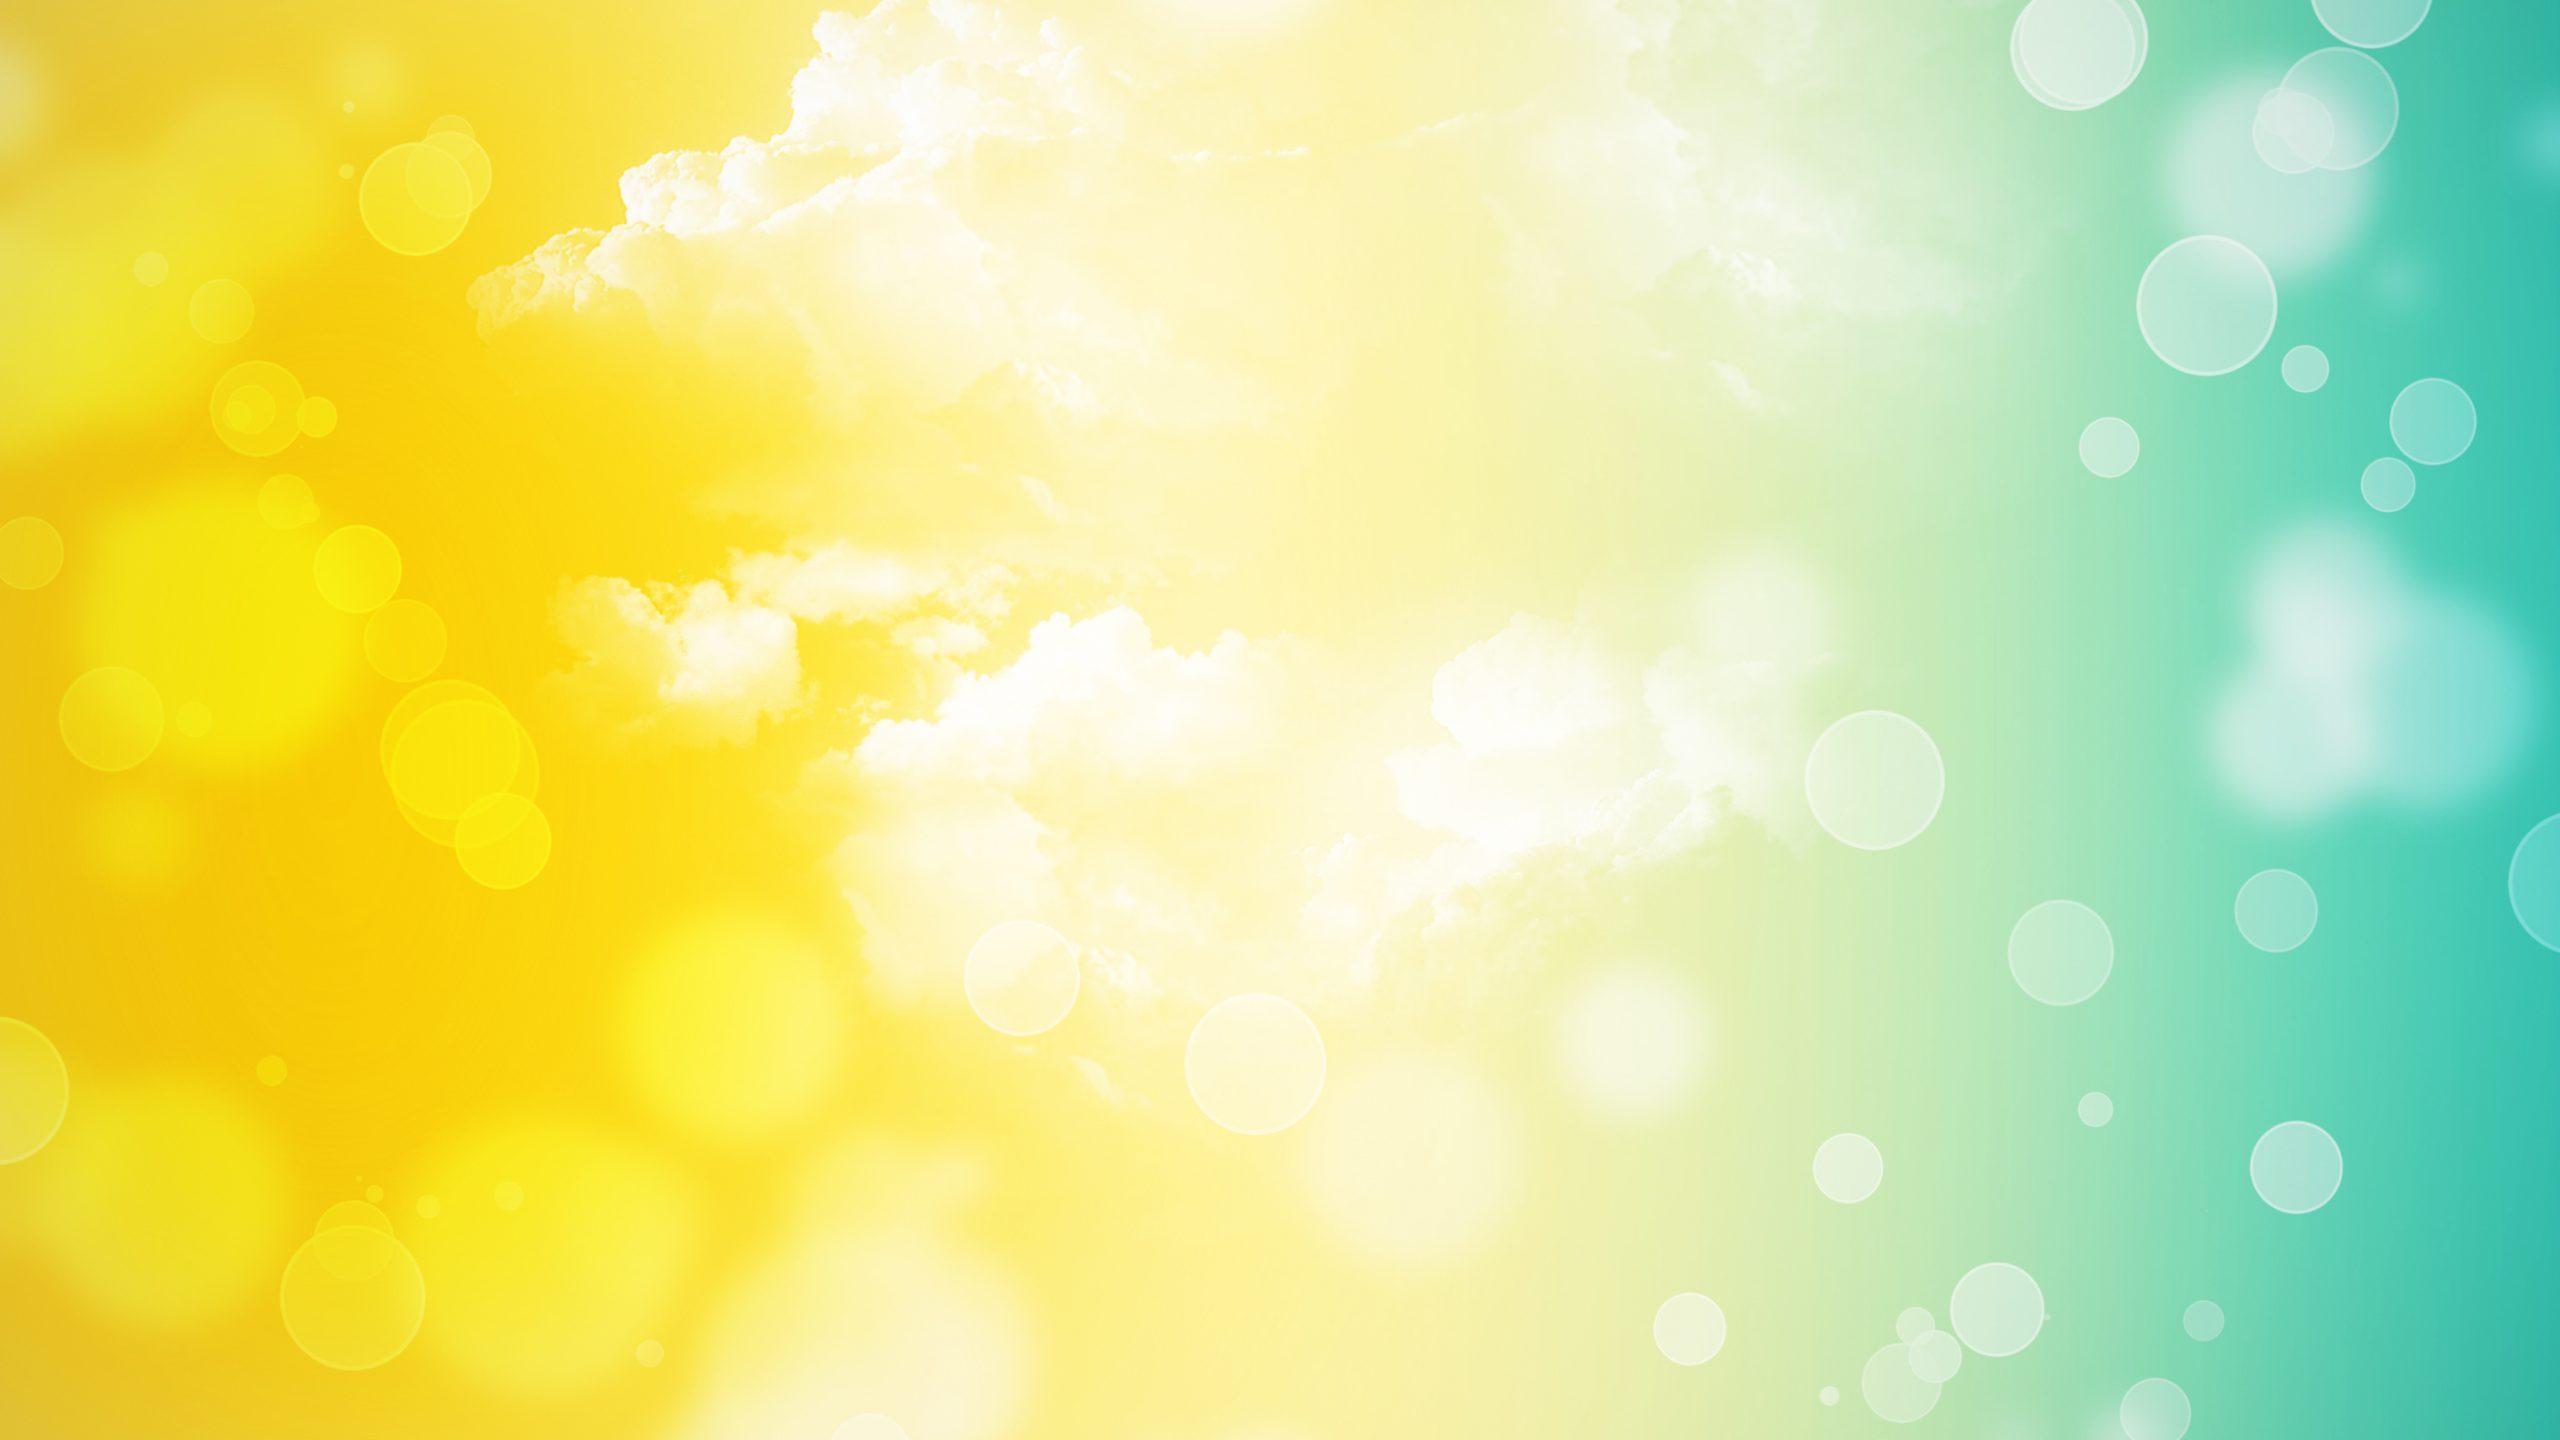 Hình ảnh background màu vàng màu xanh bóng trắng